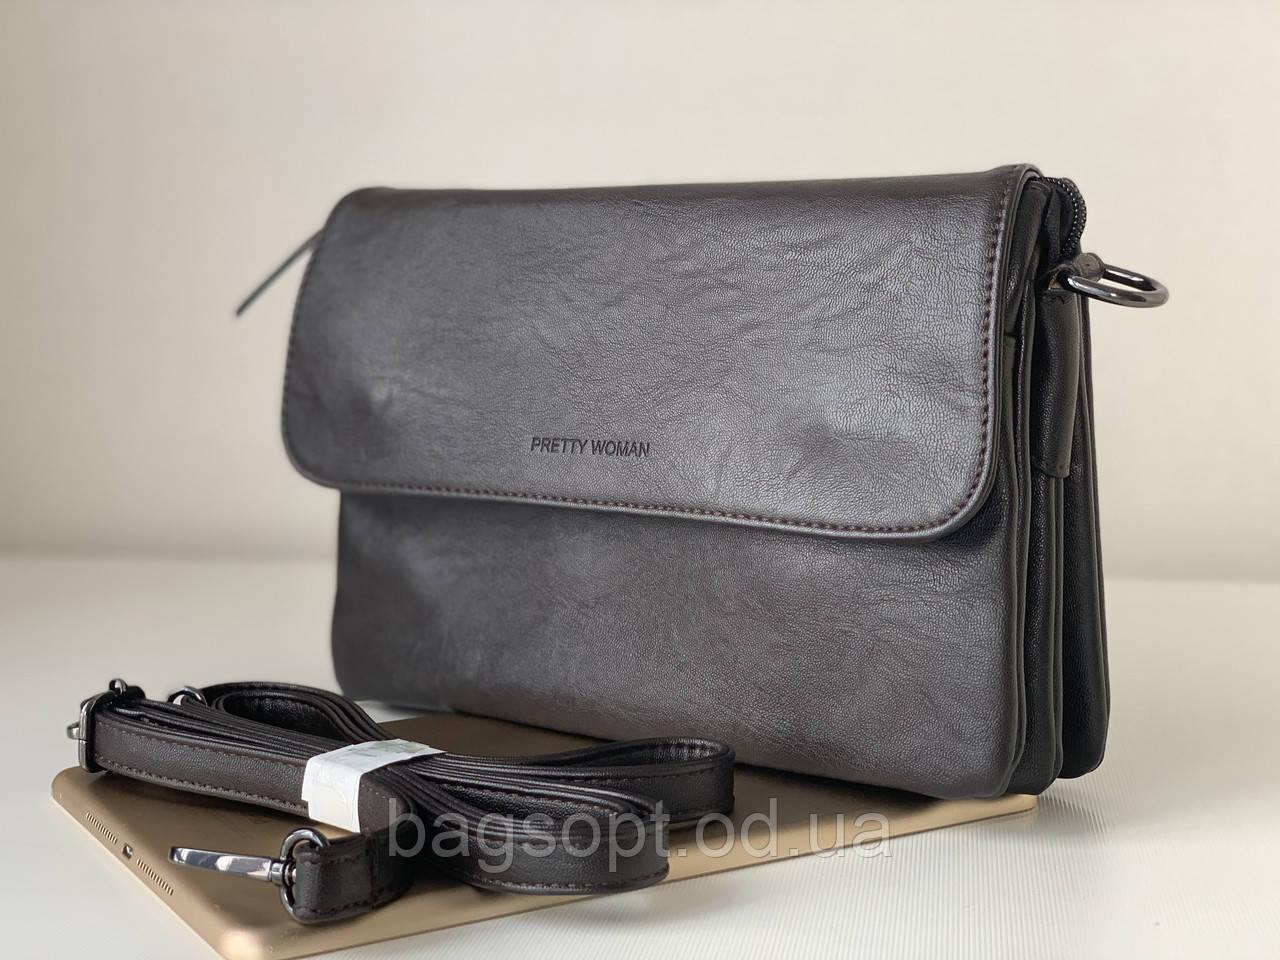 Жіночий повсякденний сумка клатч темно-коричневий шоколадного кольору через плече Pretty Woman